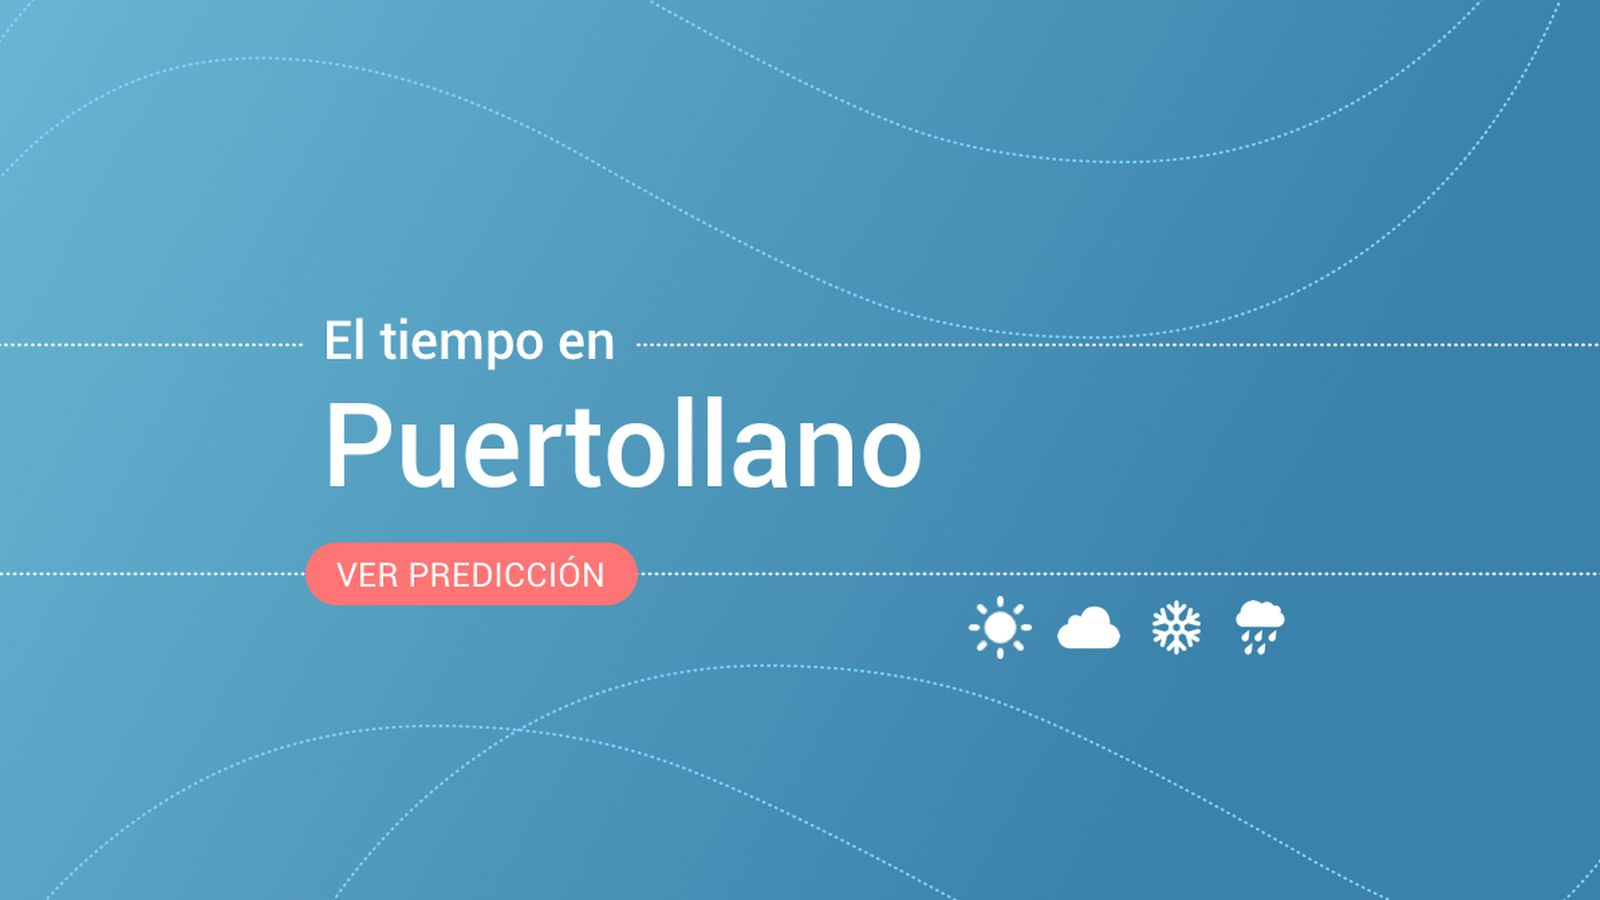 Foto: El tiempo en Puertollano. (EC)